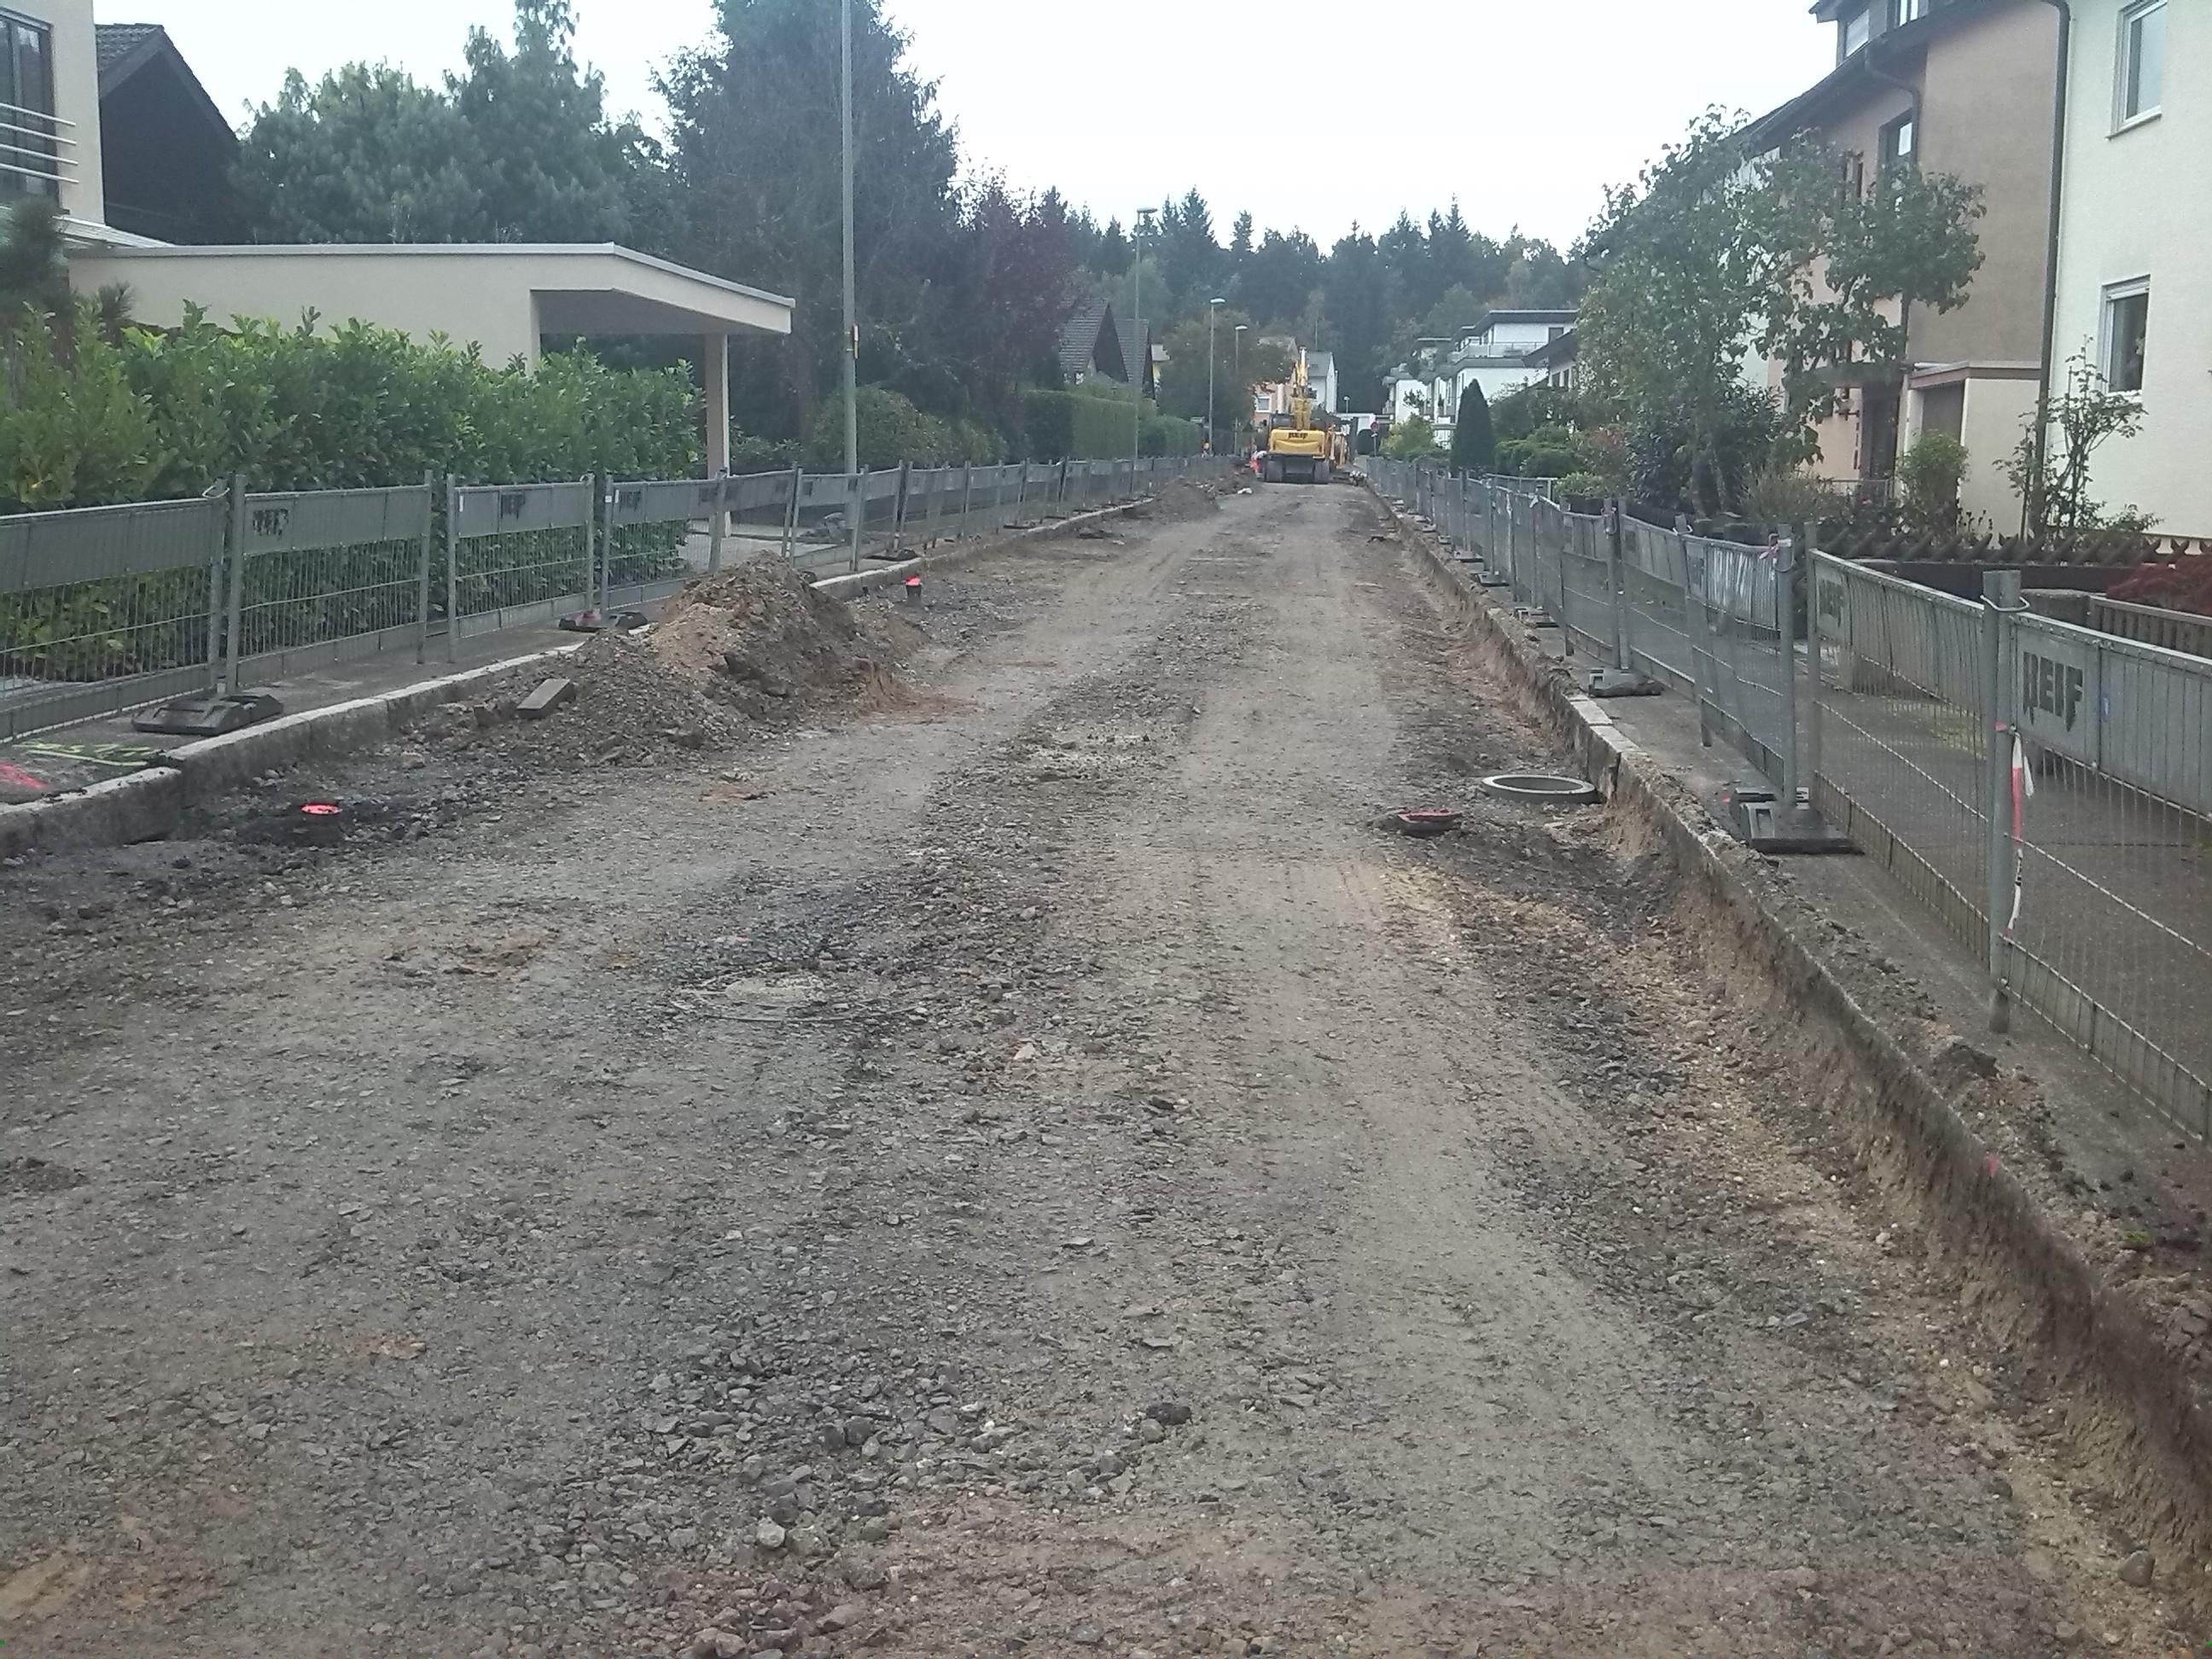 Fahrbahnsanierung + Kanalerneuerung Meisenstraße_Pforzheim_5